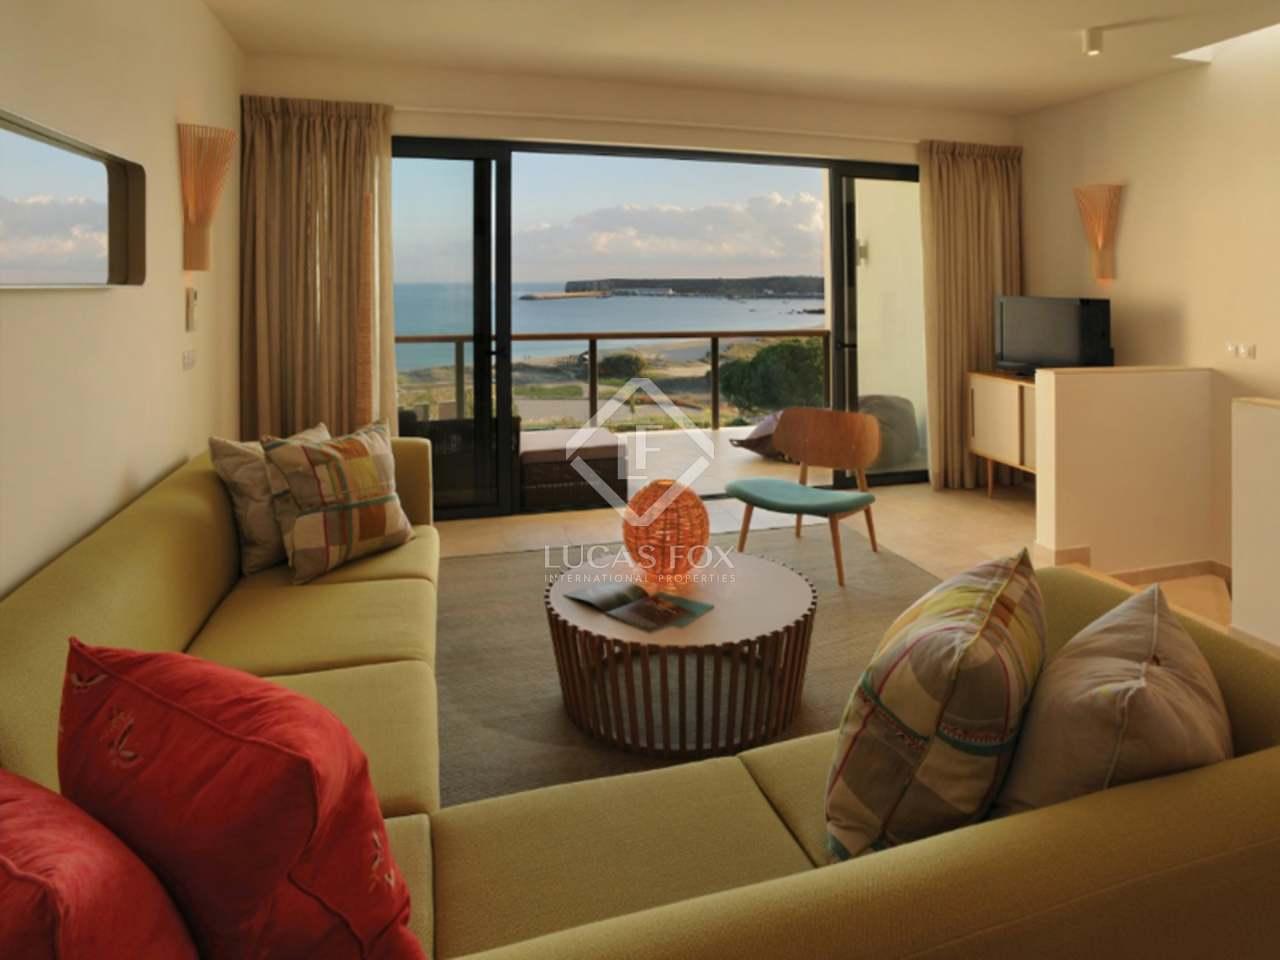 Martinhal-Sagres-Beach-Resort : 1